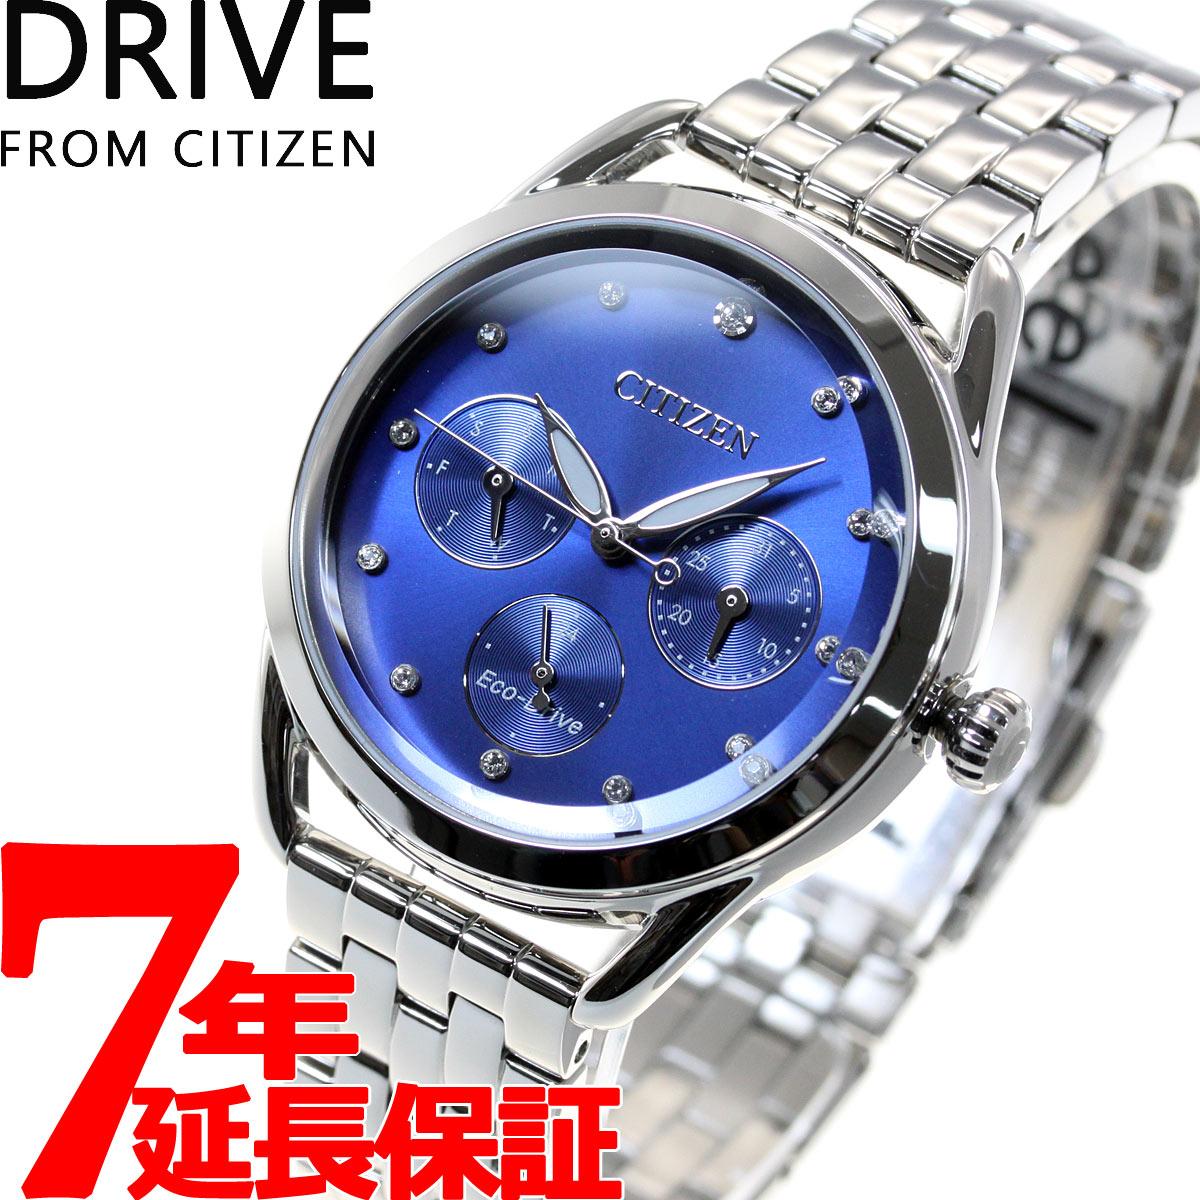 腕時計, レディース腕時計 34DRIVE FROM CITIZEN FD2050-53L